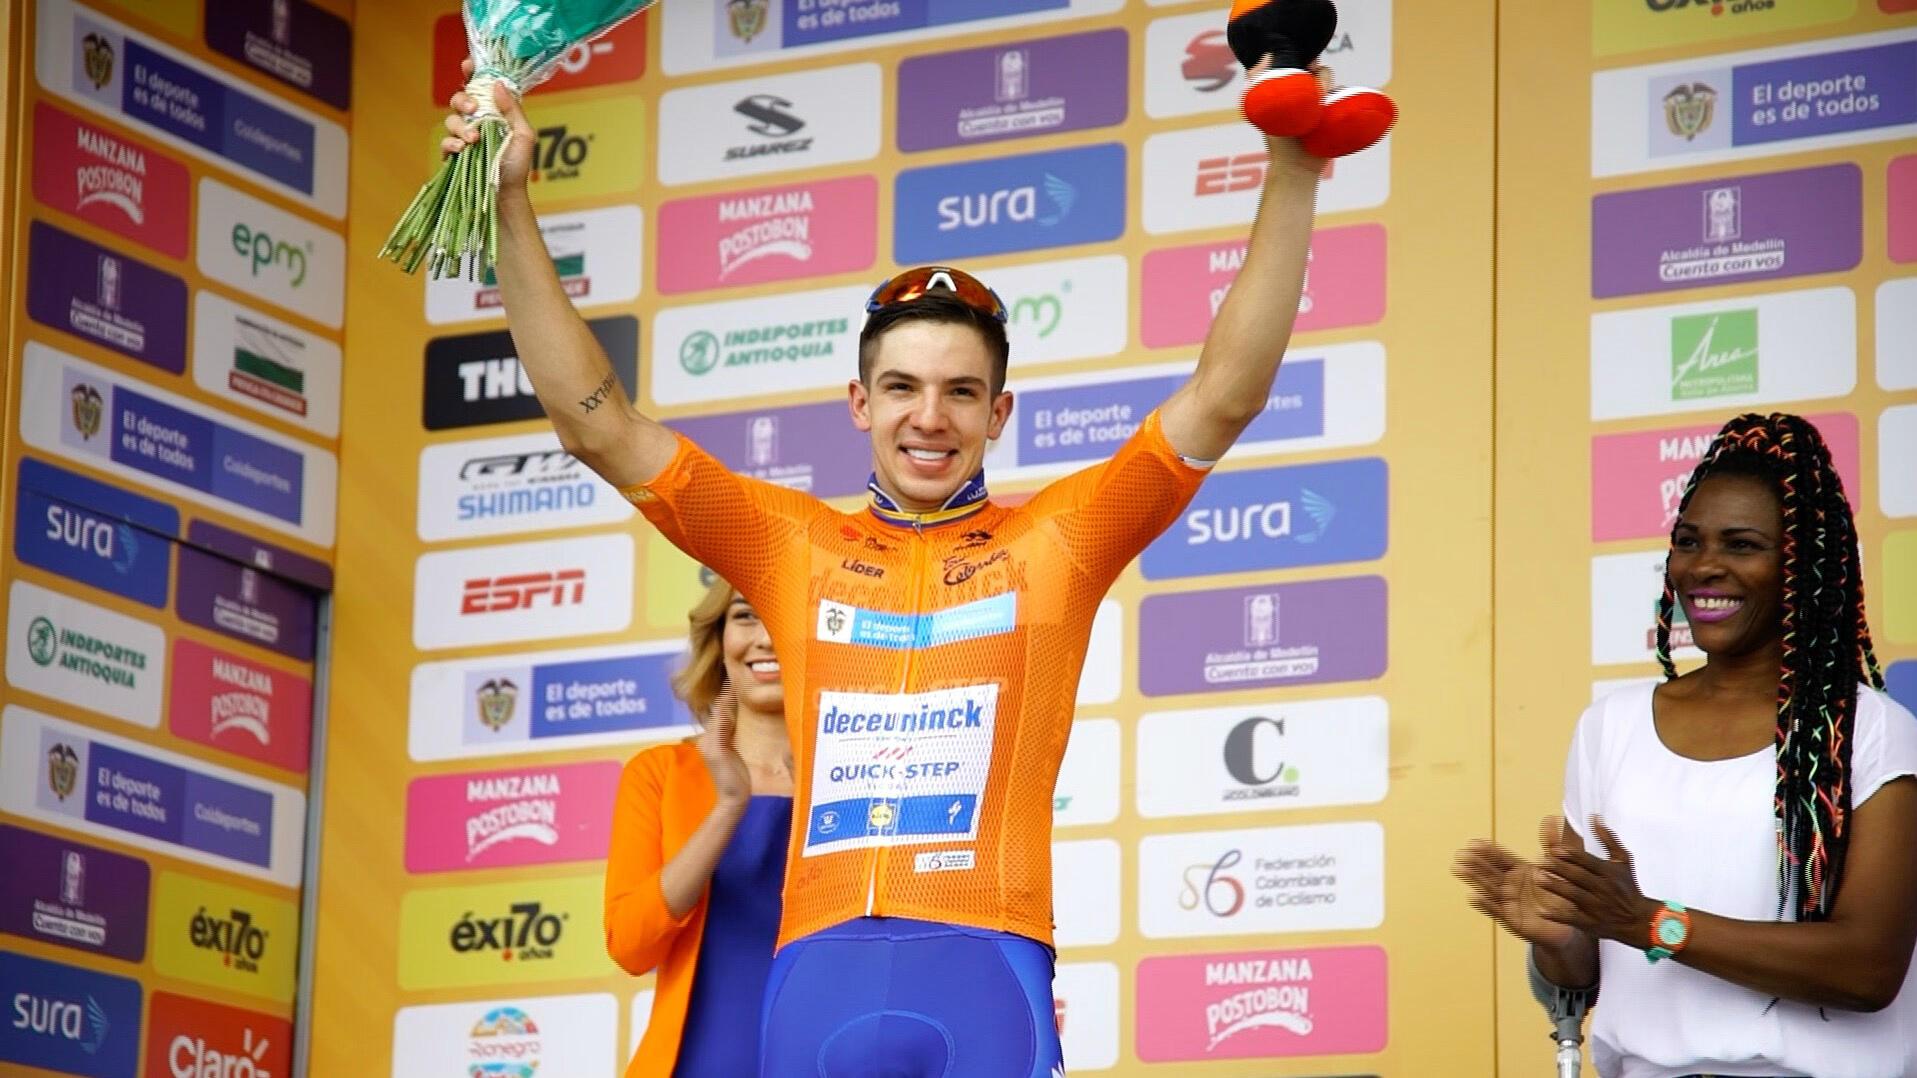 Álvaro Hodeg (Deceuninck-Quick Step) celebra su triunfo en la segunda etapa y porta la camiseta naranja que lo acredita como nuevo líder del Tour Colombia 2.1, en La Ceja, Colombia, el 13 de febrero de 2019.